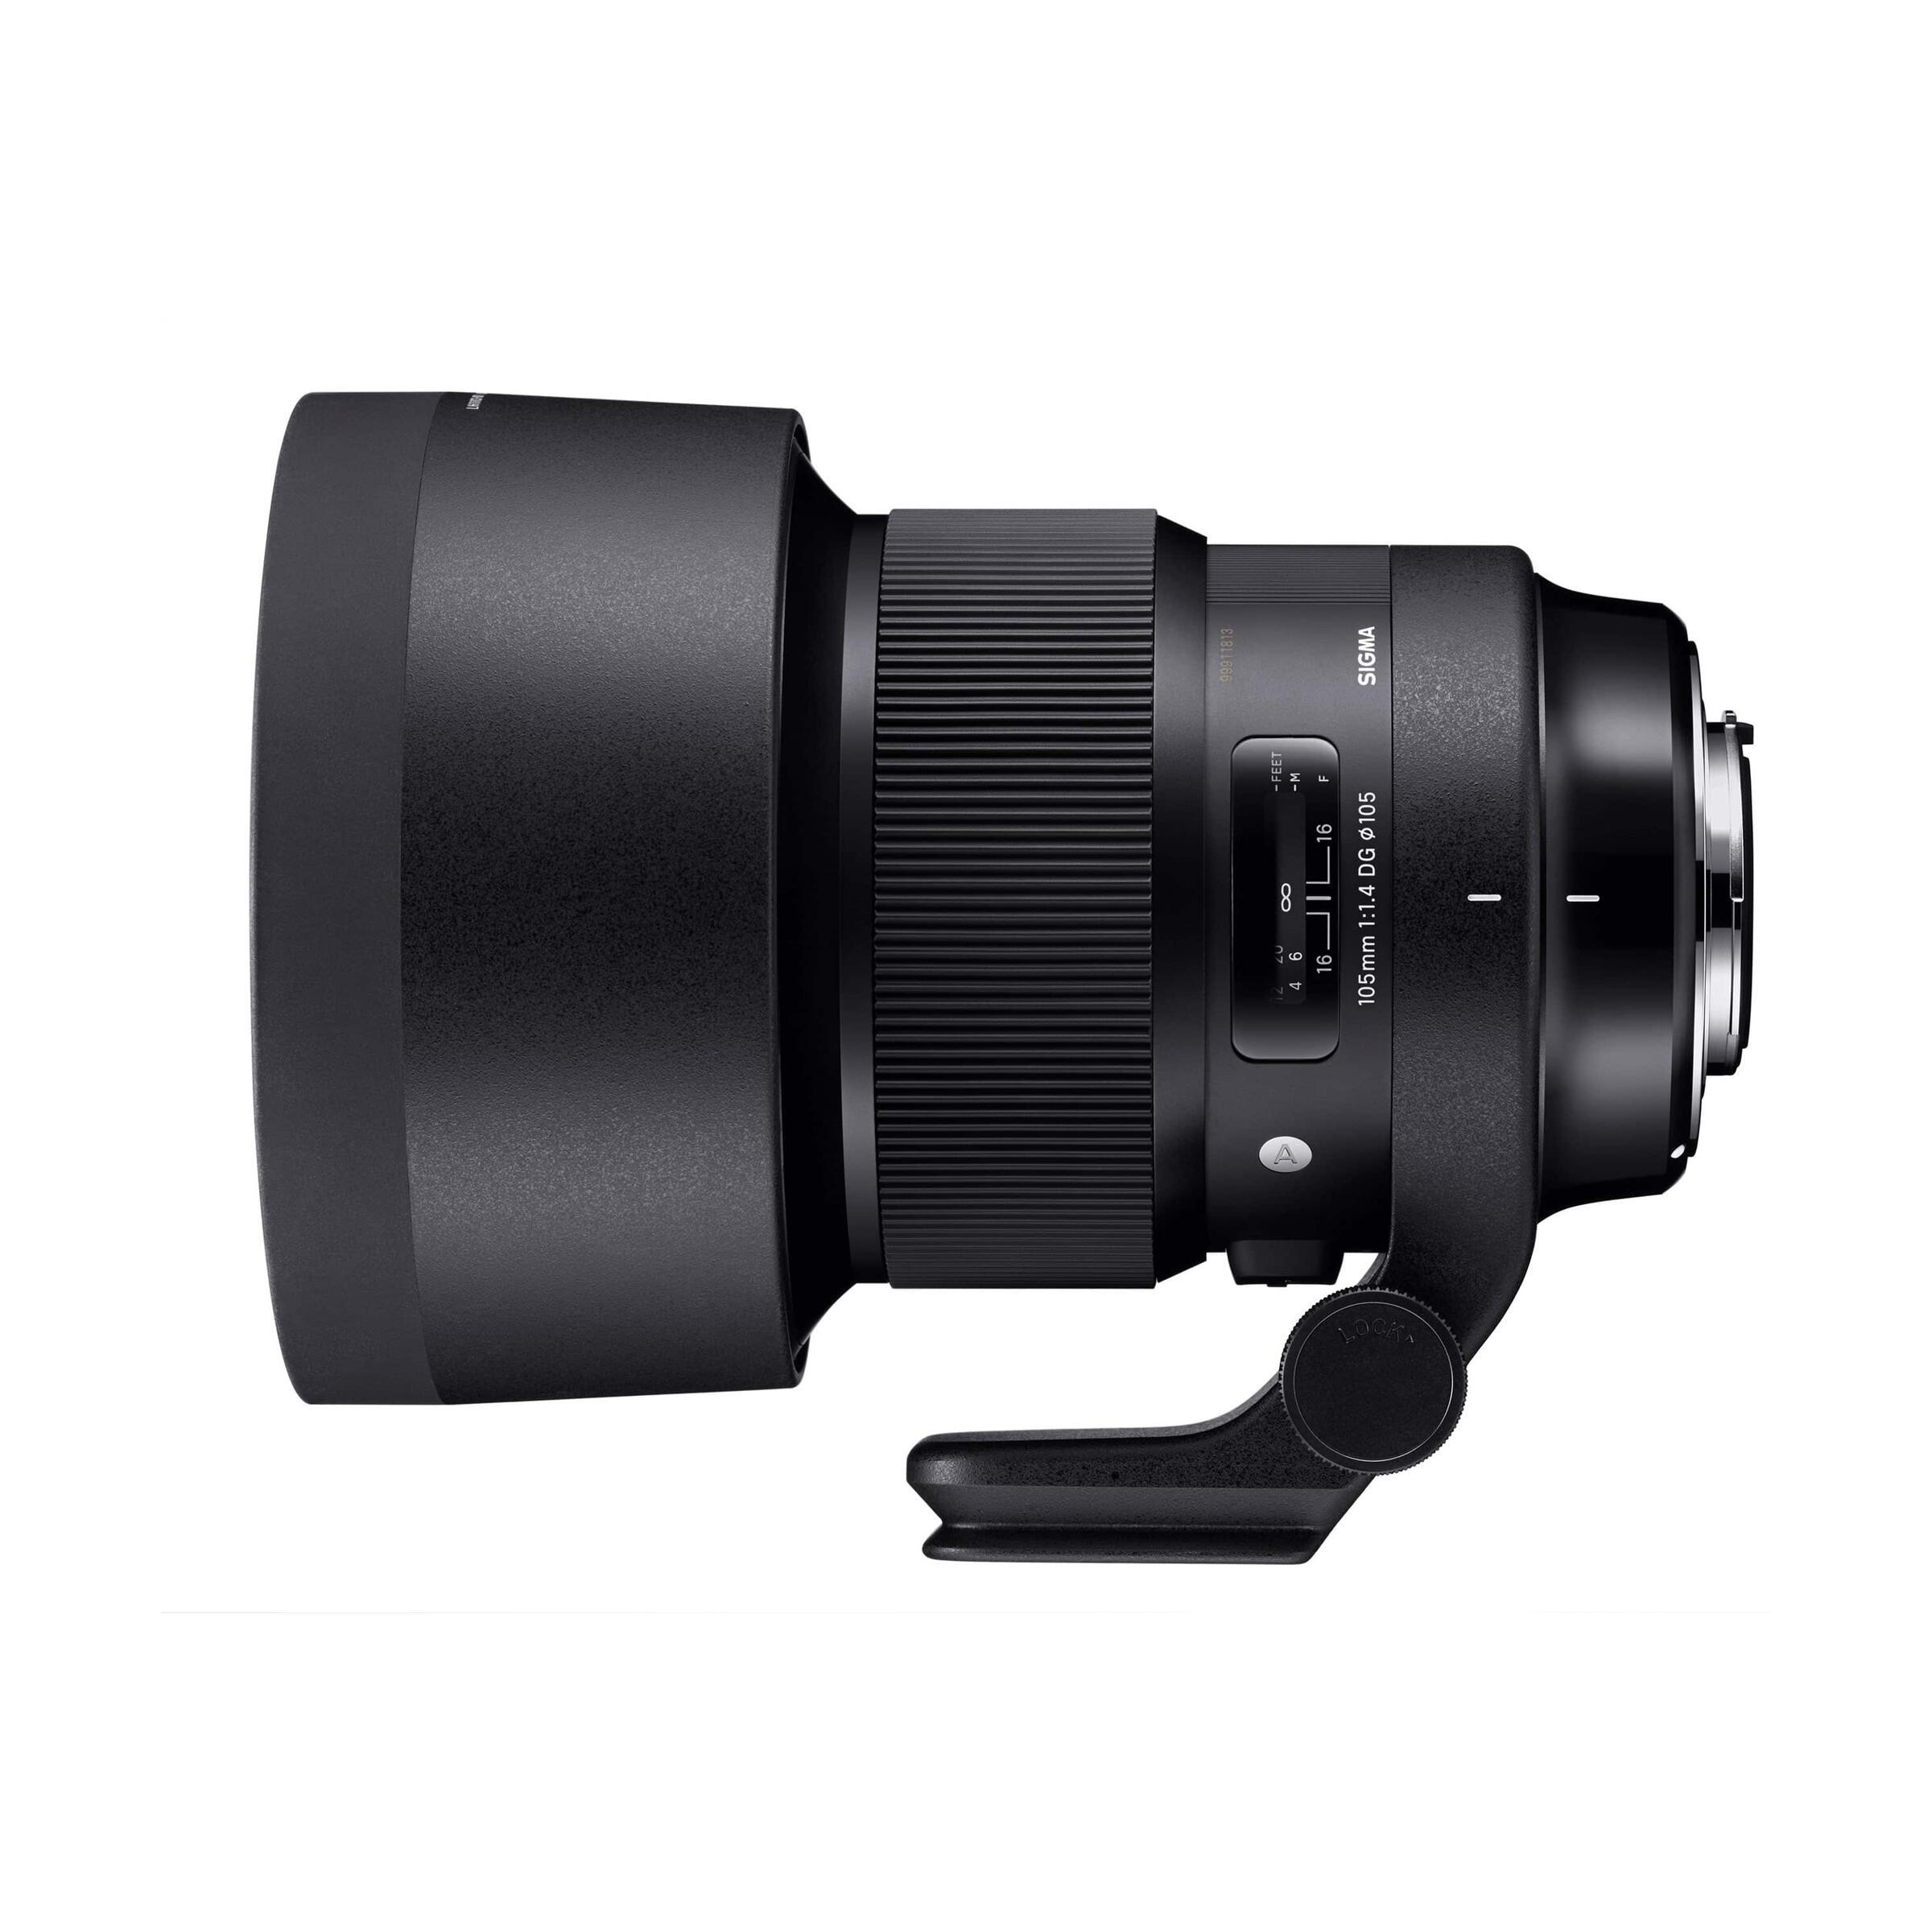 Sigma 105mm f/1,4 DG HSM Art für Canon EF